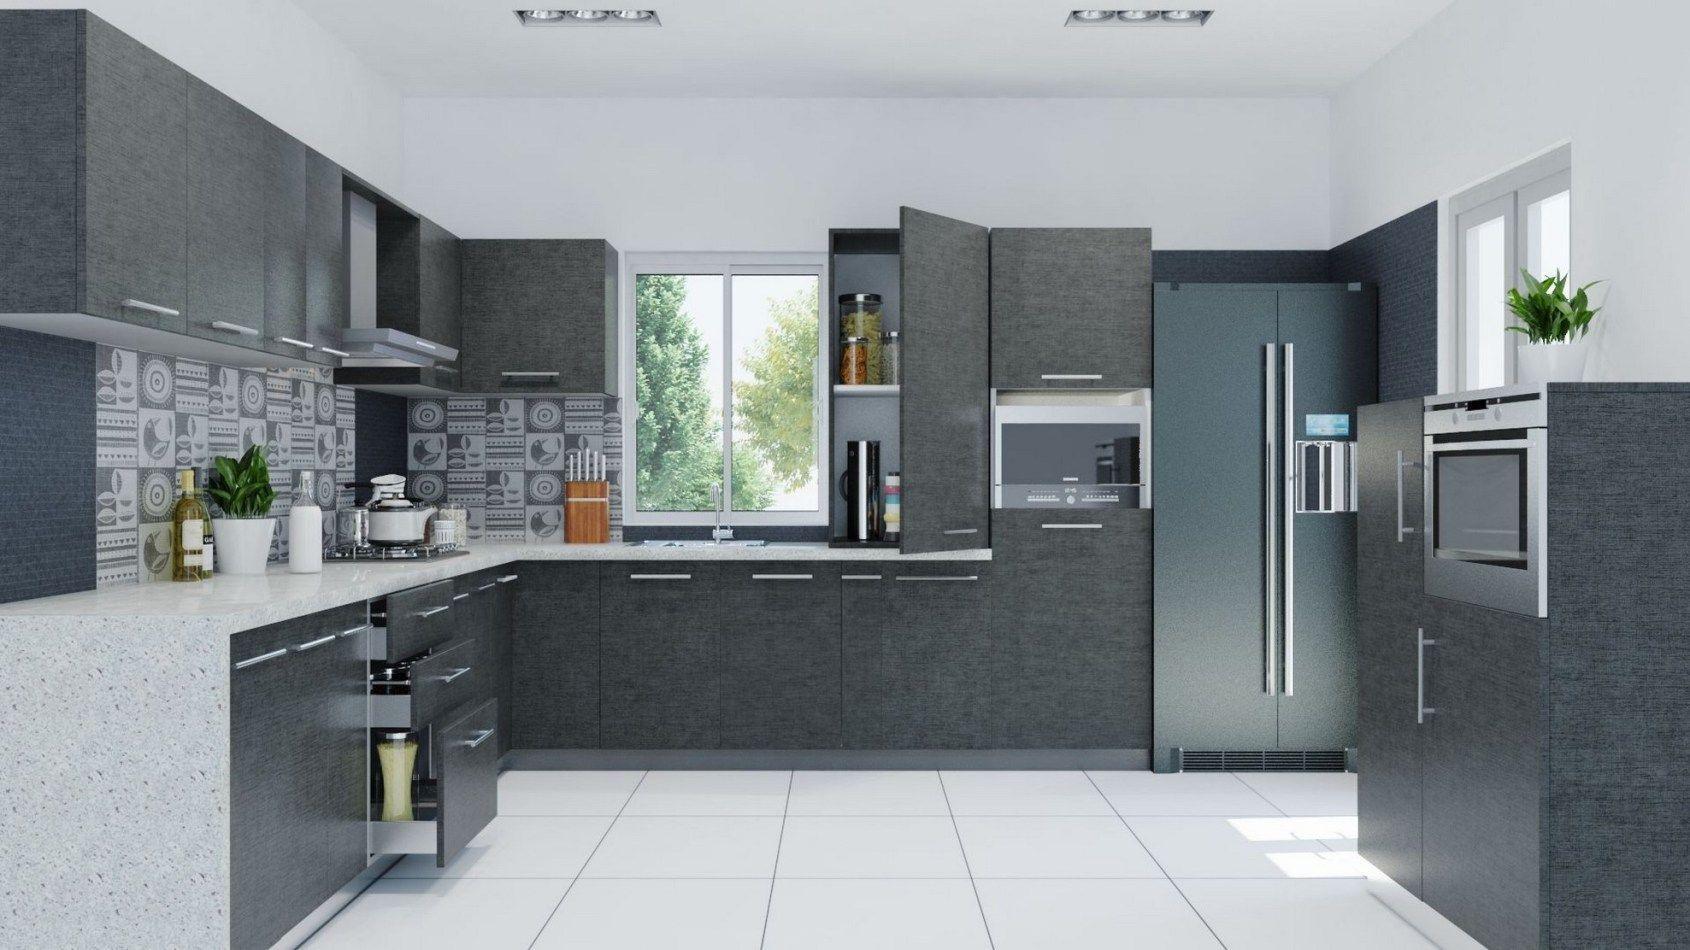 60 Topmost Modern Kitchen Cabinets Design Homedsn Cabinets Design Homedsn Kitchen In 2020 Modern Kitchen Cabinet Design Kitchen Design Trends Kitchen Design Color